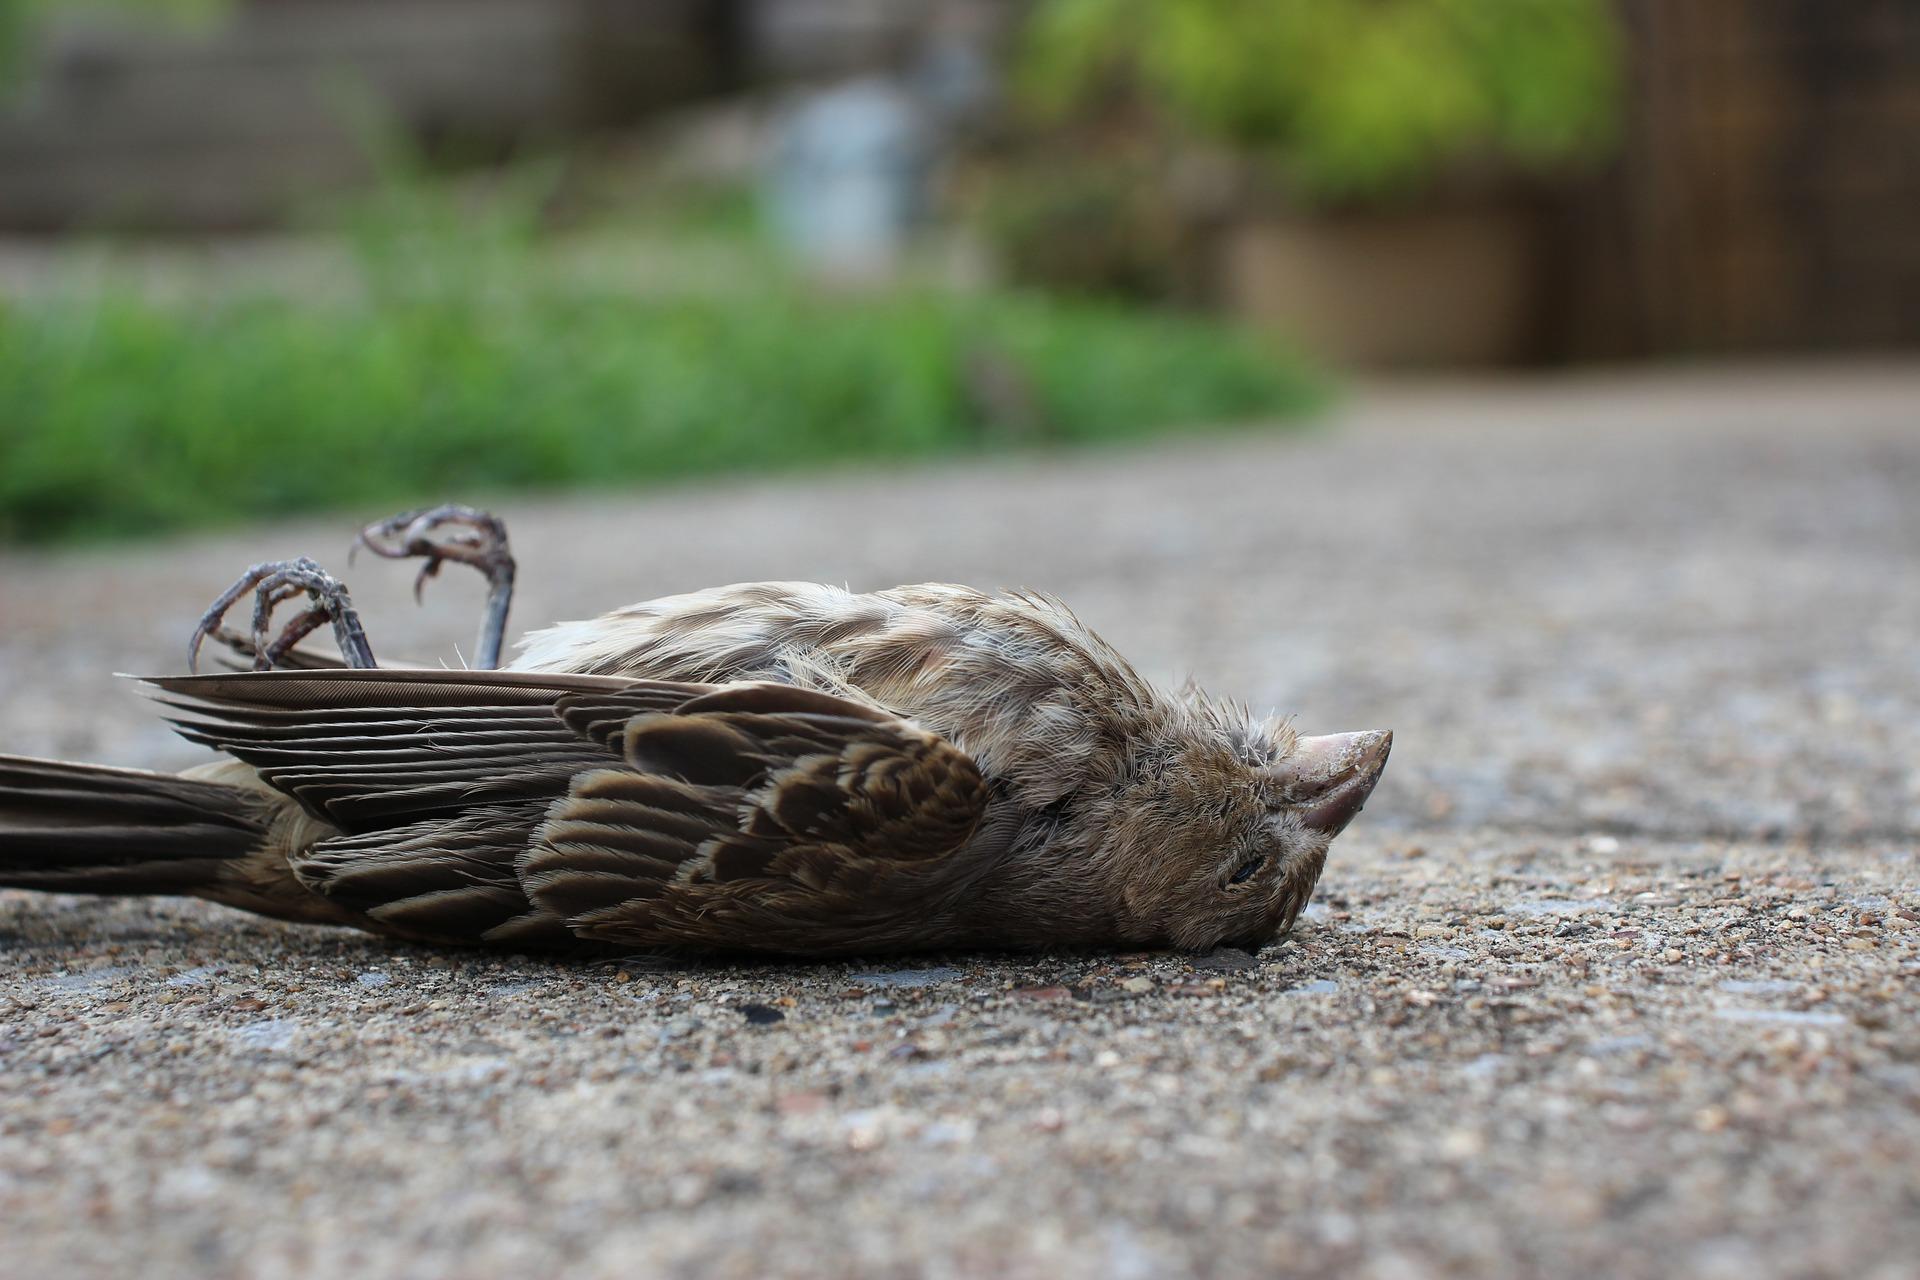 gorrión, aves, aves de ciudad, donde se han ido los gorriones, que está pasando con los gorriones, por qué mueren los gorriones.